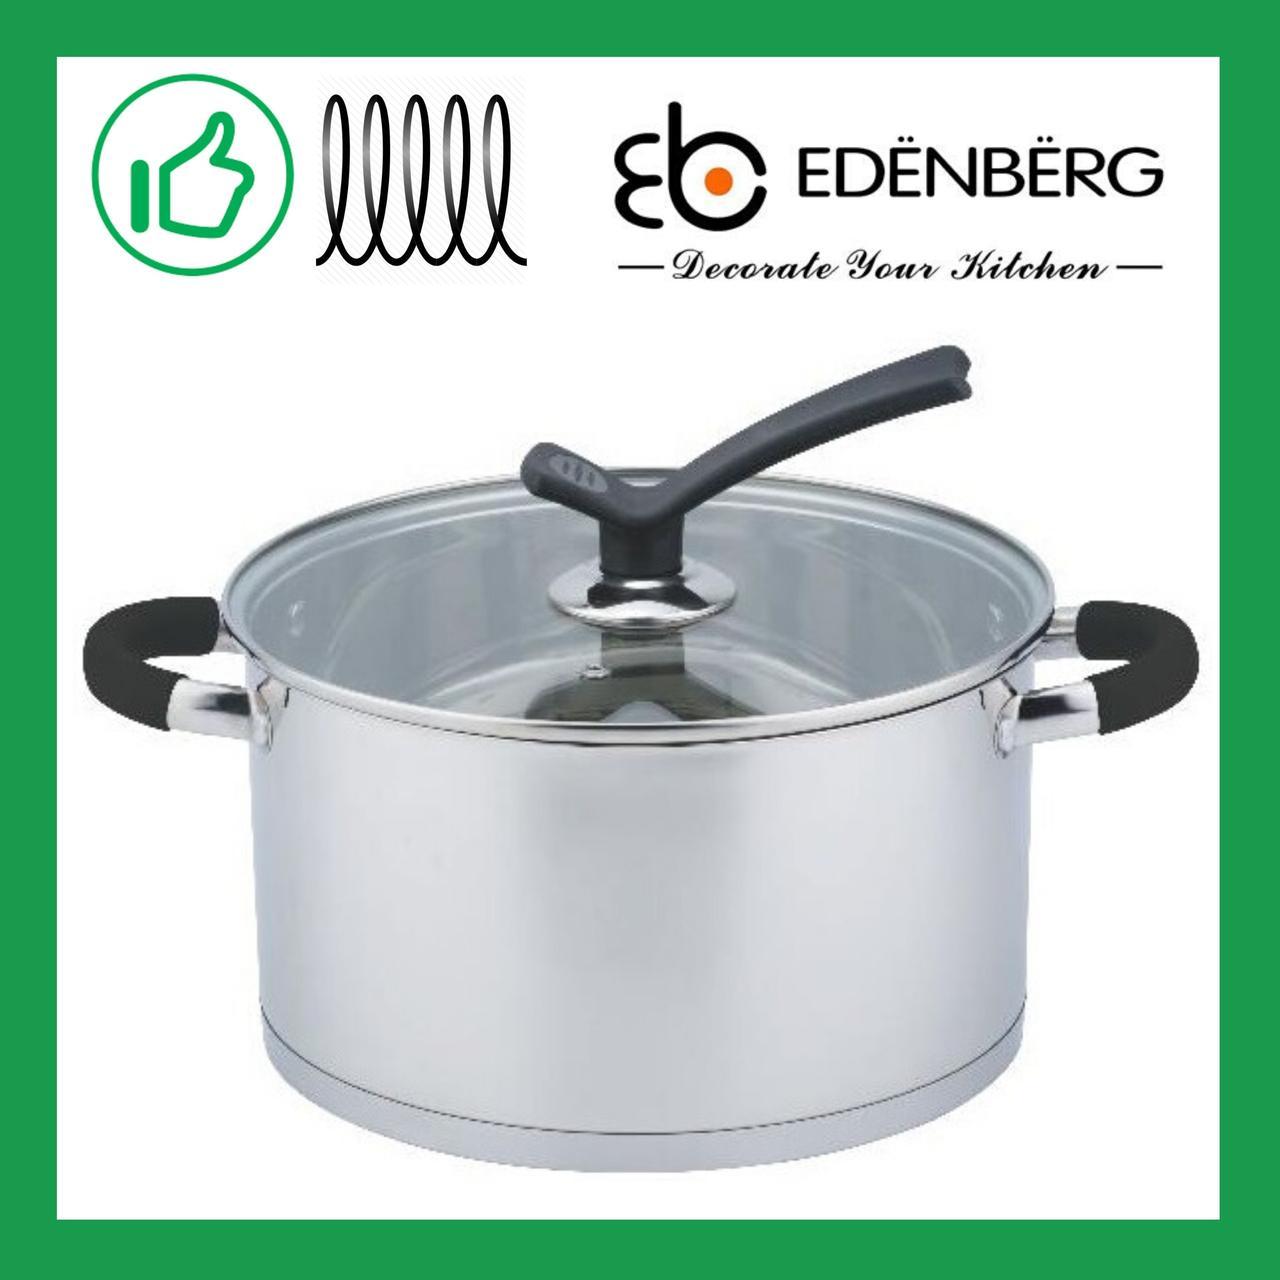 Кастрюля 6.1 л из нержавеющей стали с крышкой Edenberg (EB-3697)